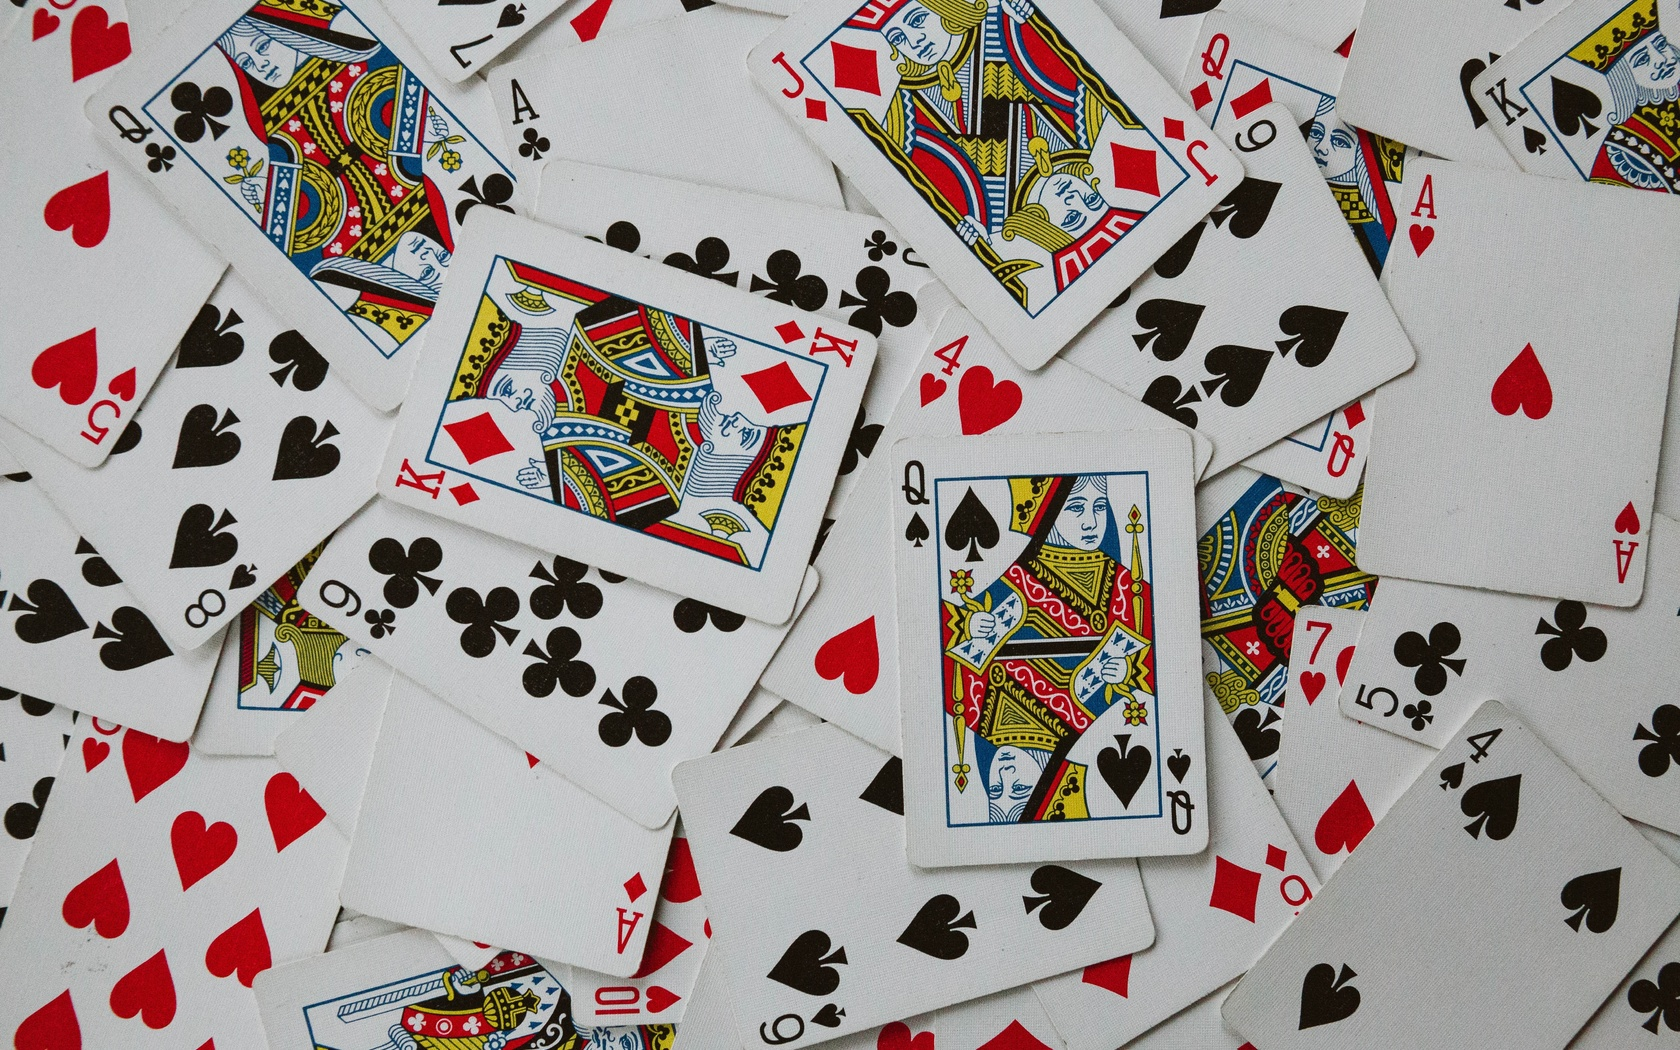 игра, карты, беспорядочный разброс